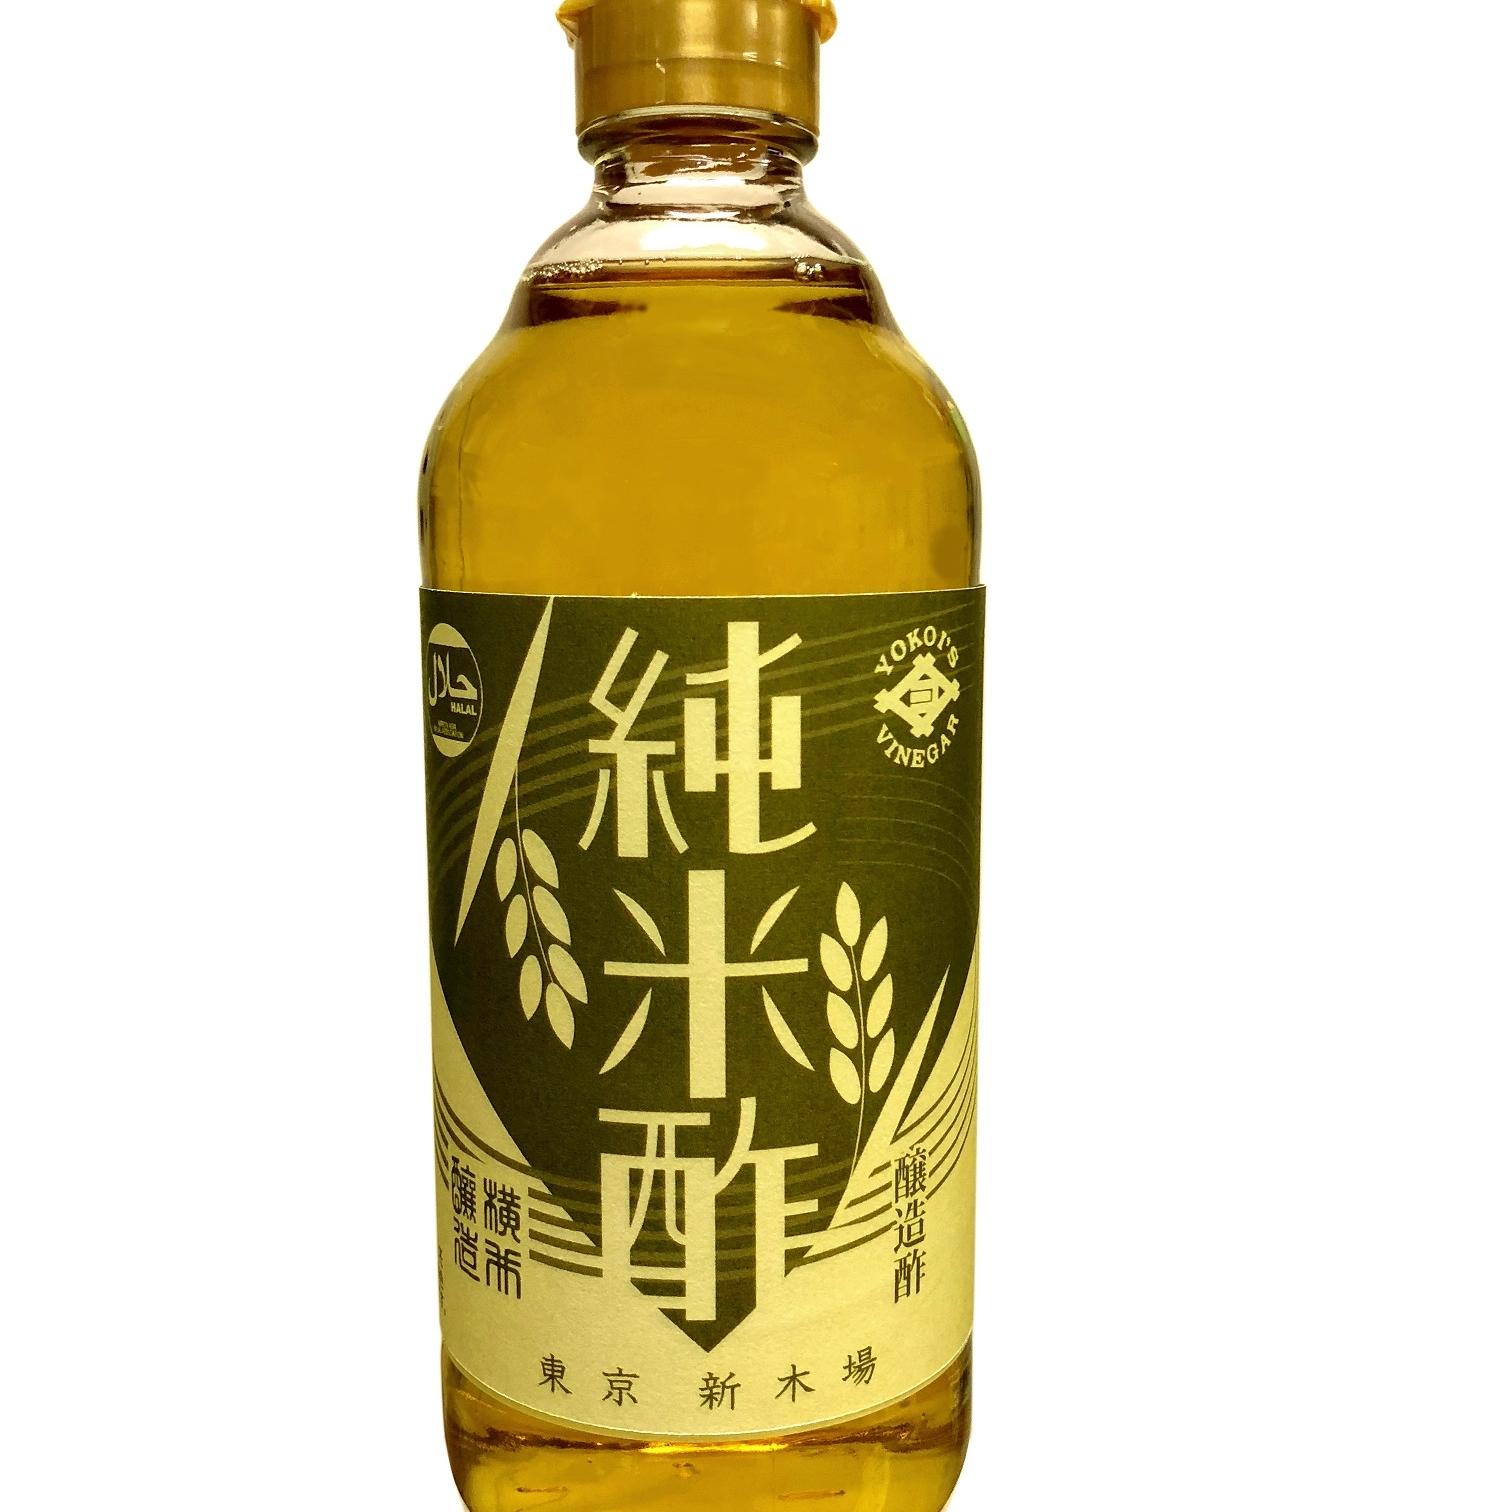 純米酢 6本セット